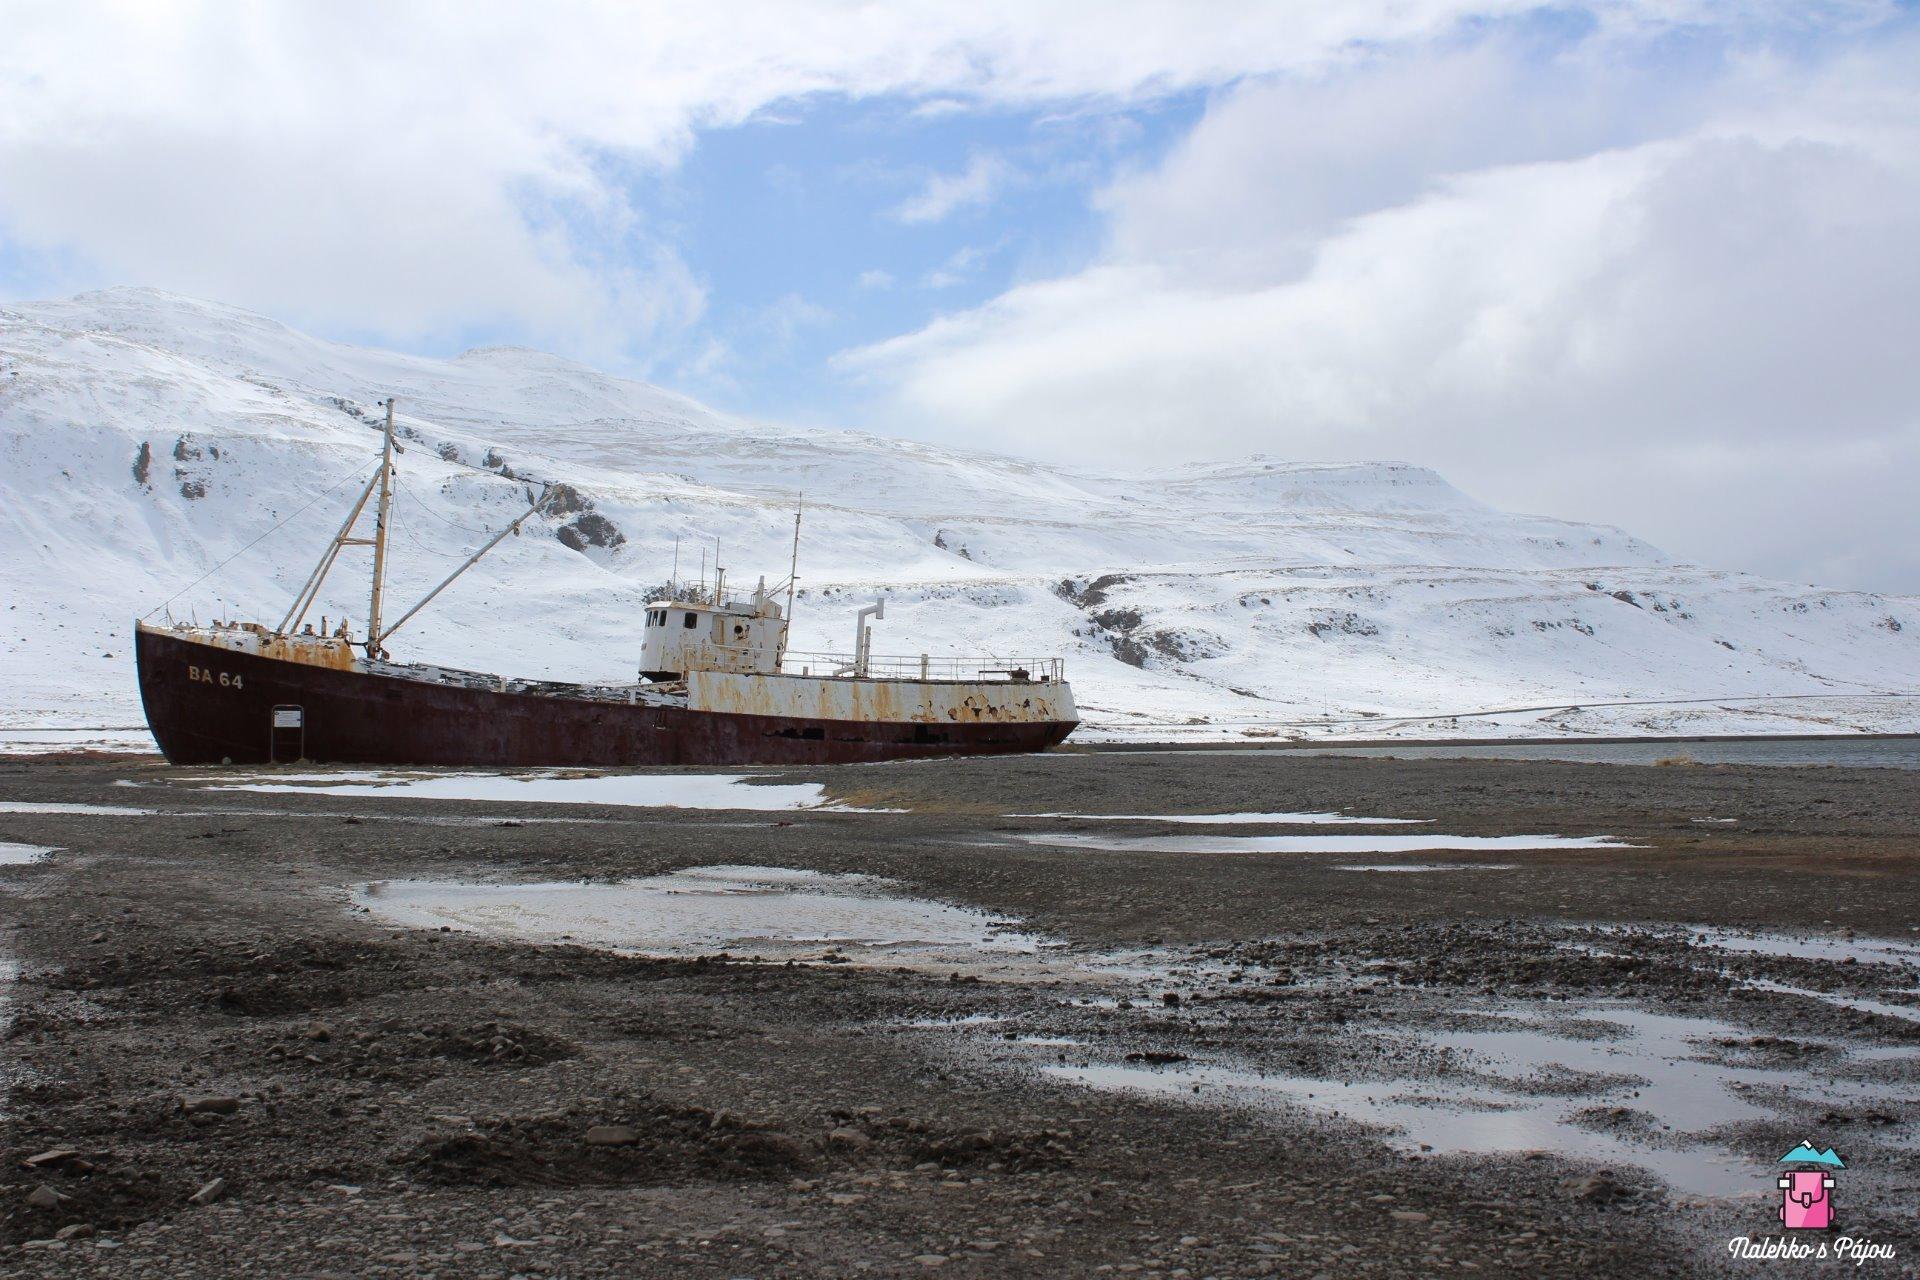 Vrak lodi Gardar BA 64